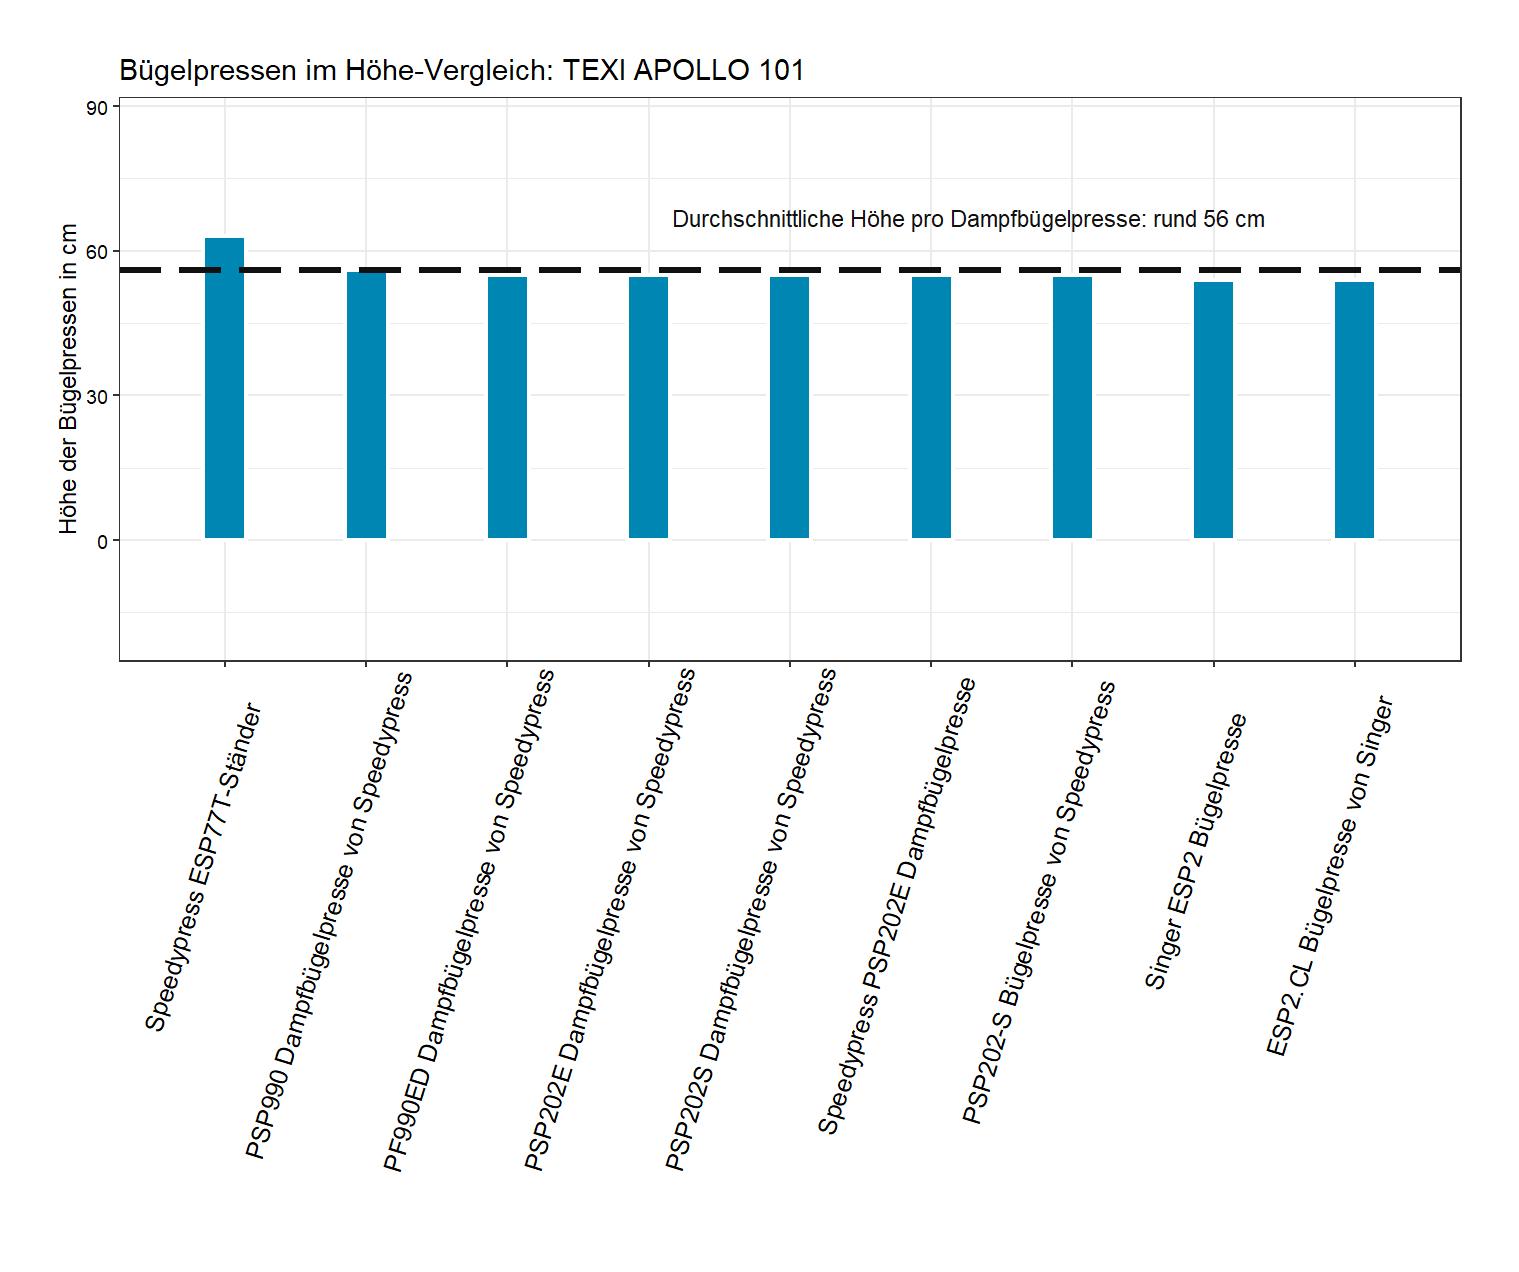 Produkthöhe-Vergleich von der TEXI APOLLO Bügelpresse 101